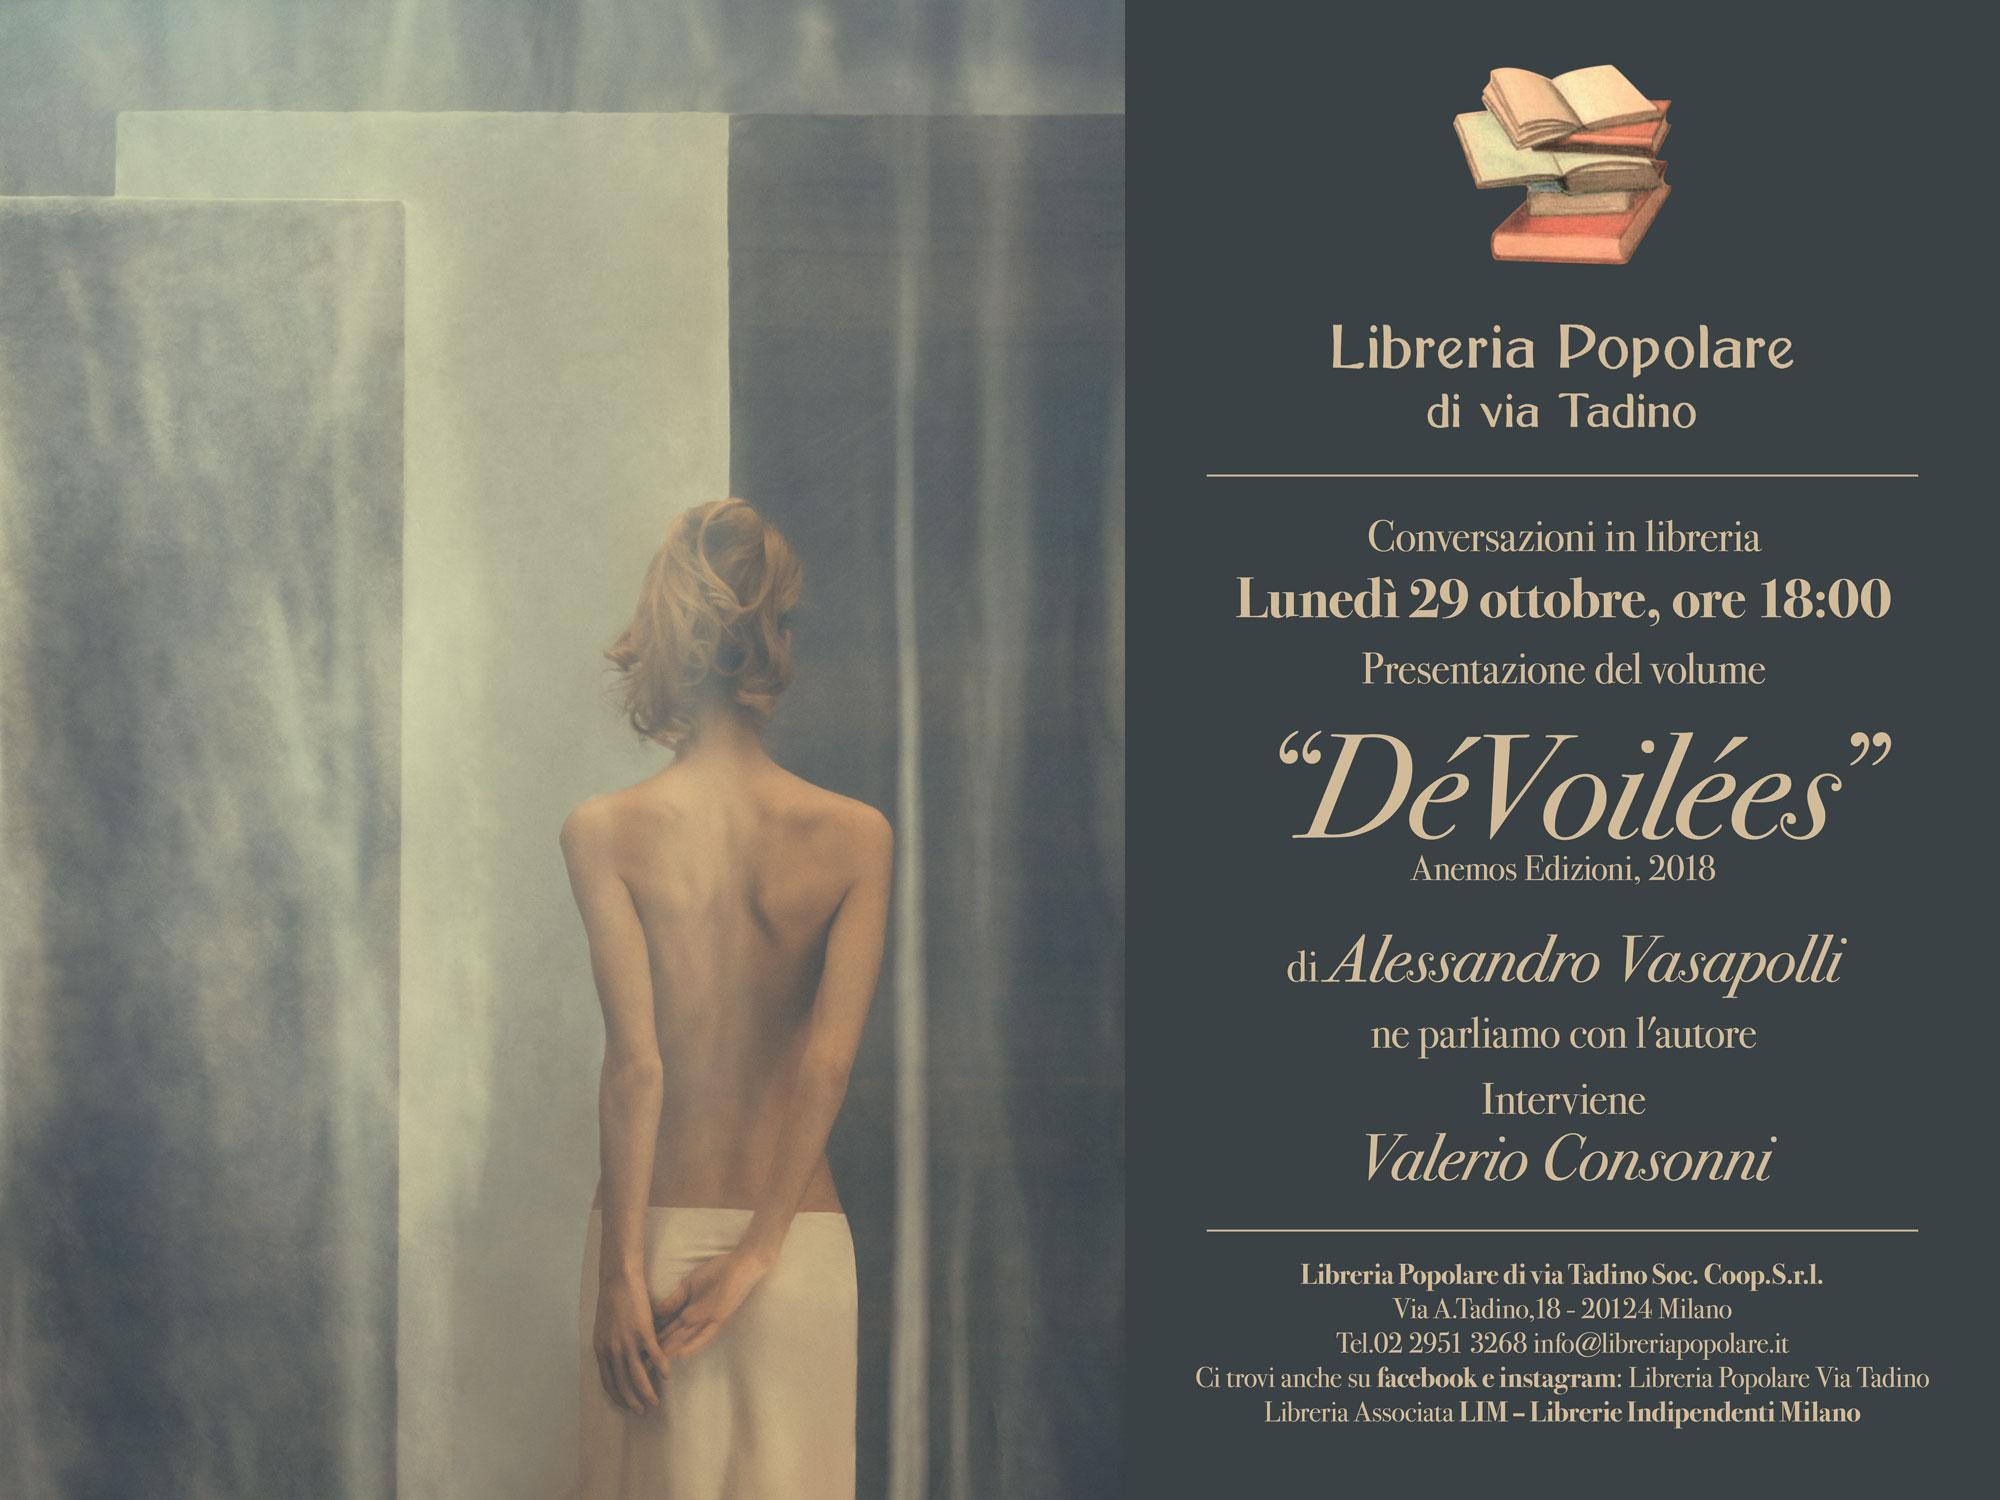 Presentazione_Libreria_Popolare_29_10_2018_Alessandro_Vasapolli_Devoilees